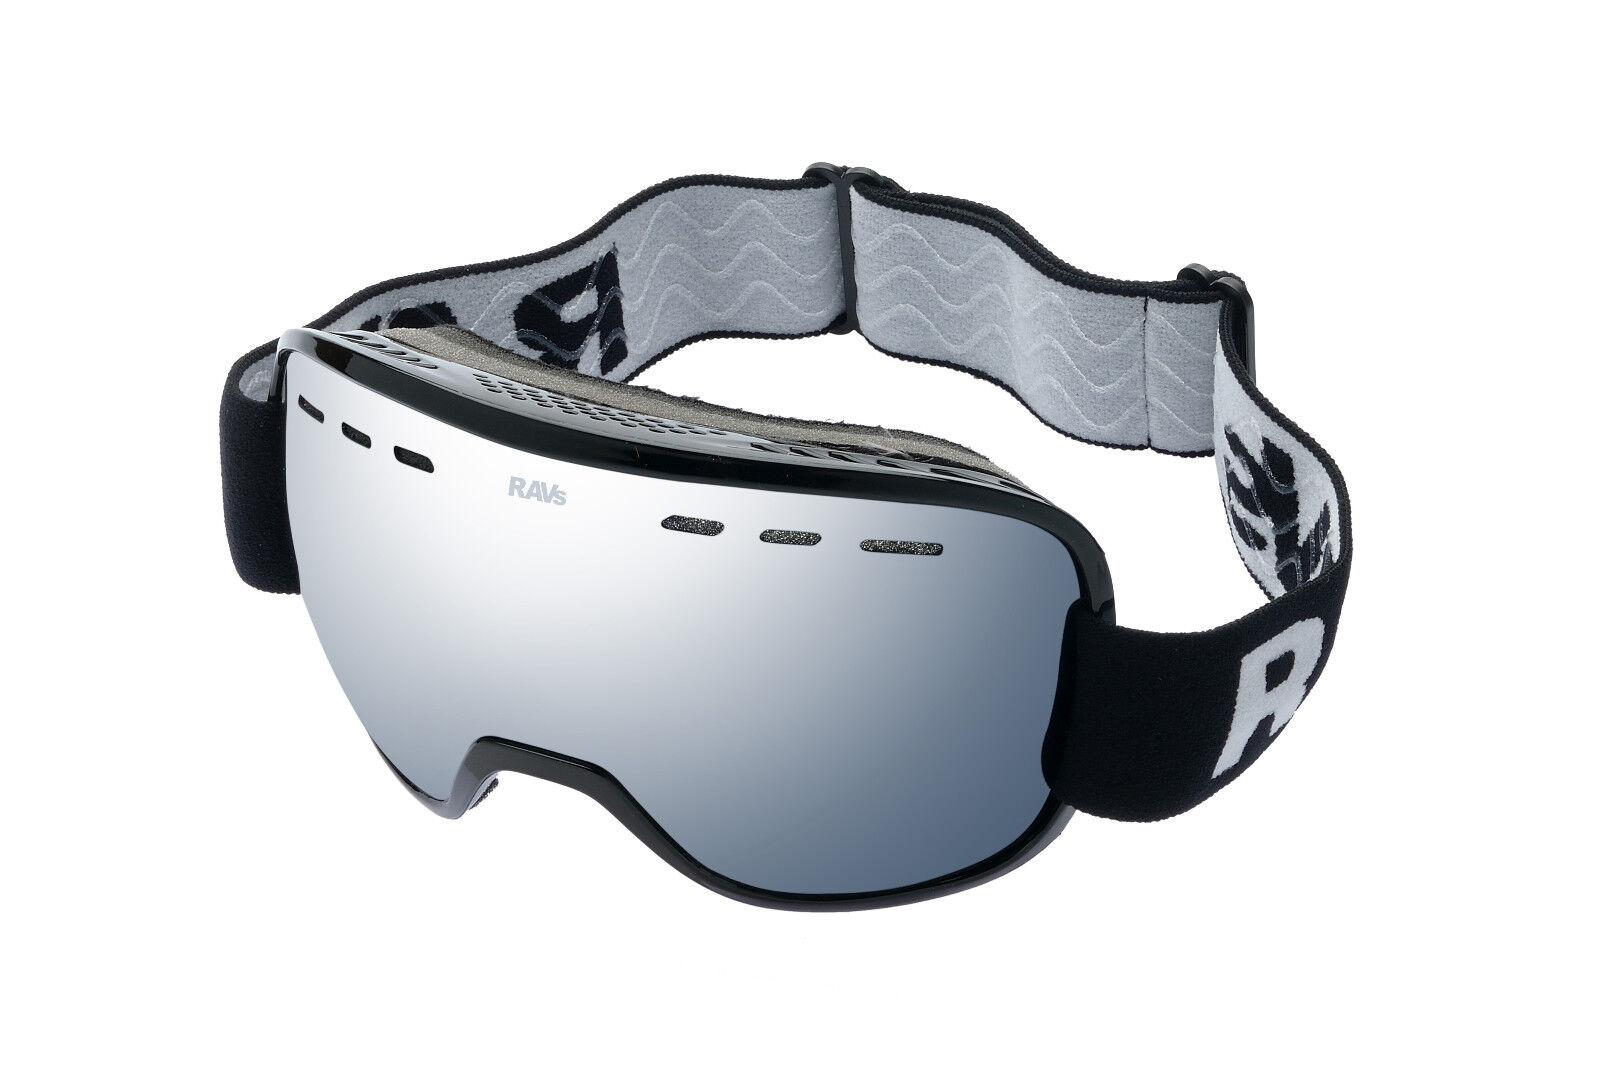 Ravs   Unisex Skibrille Snowboard Skiing goggles Silber Scheibe Antifog Skisport & Snowboarding